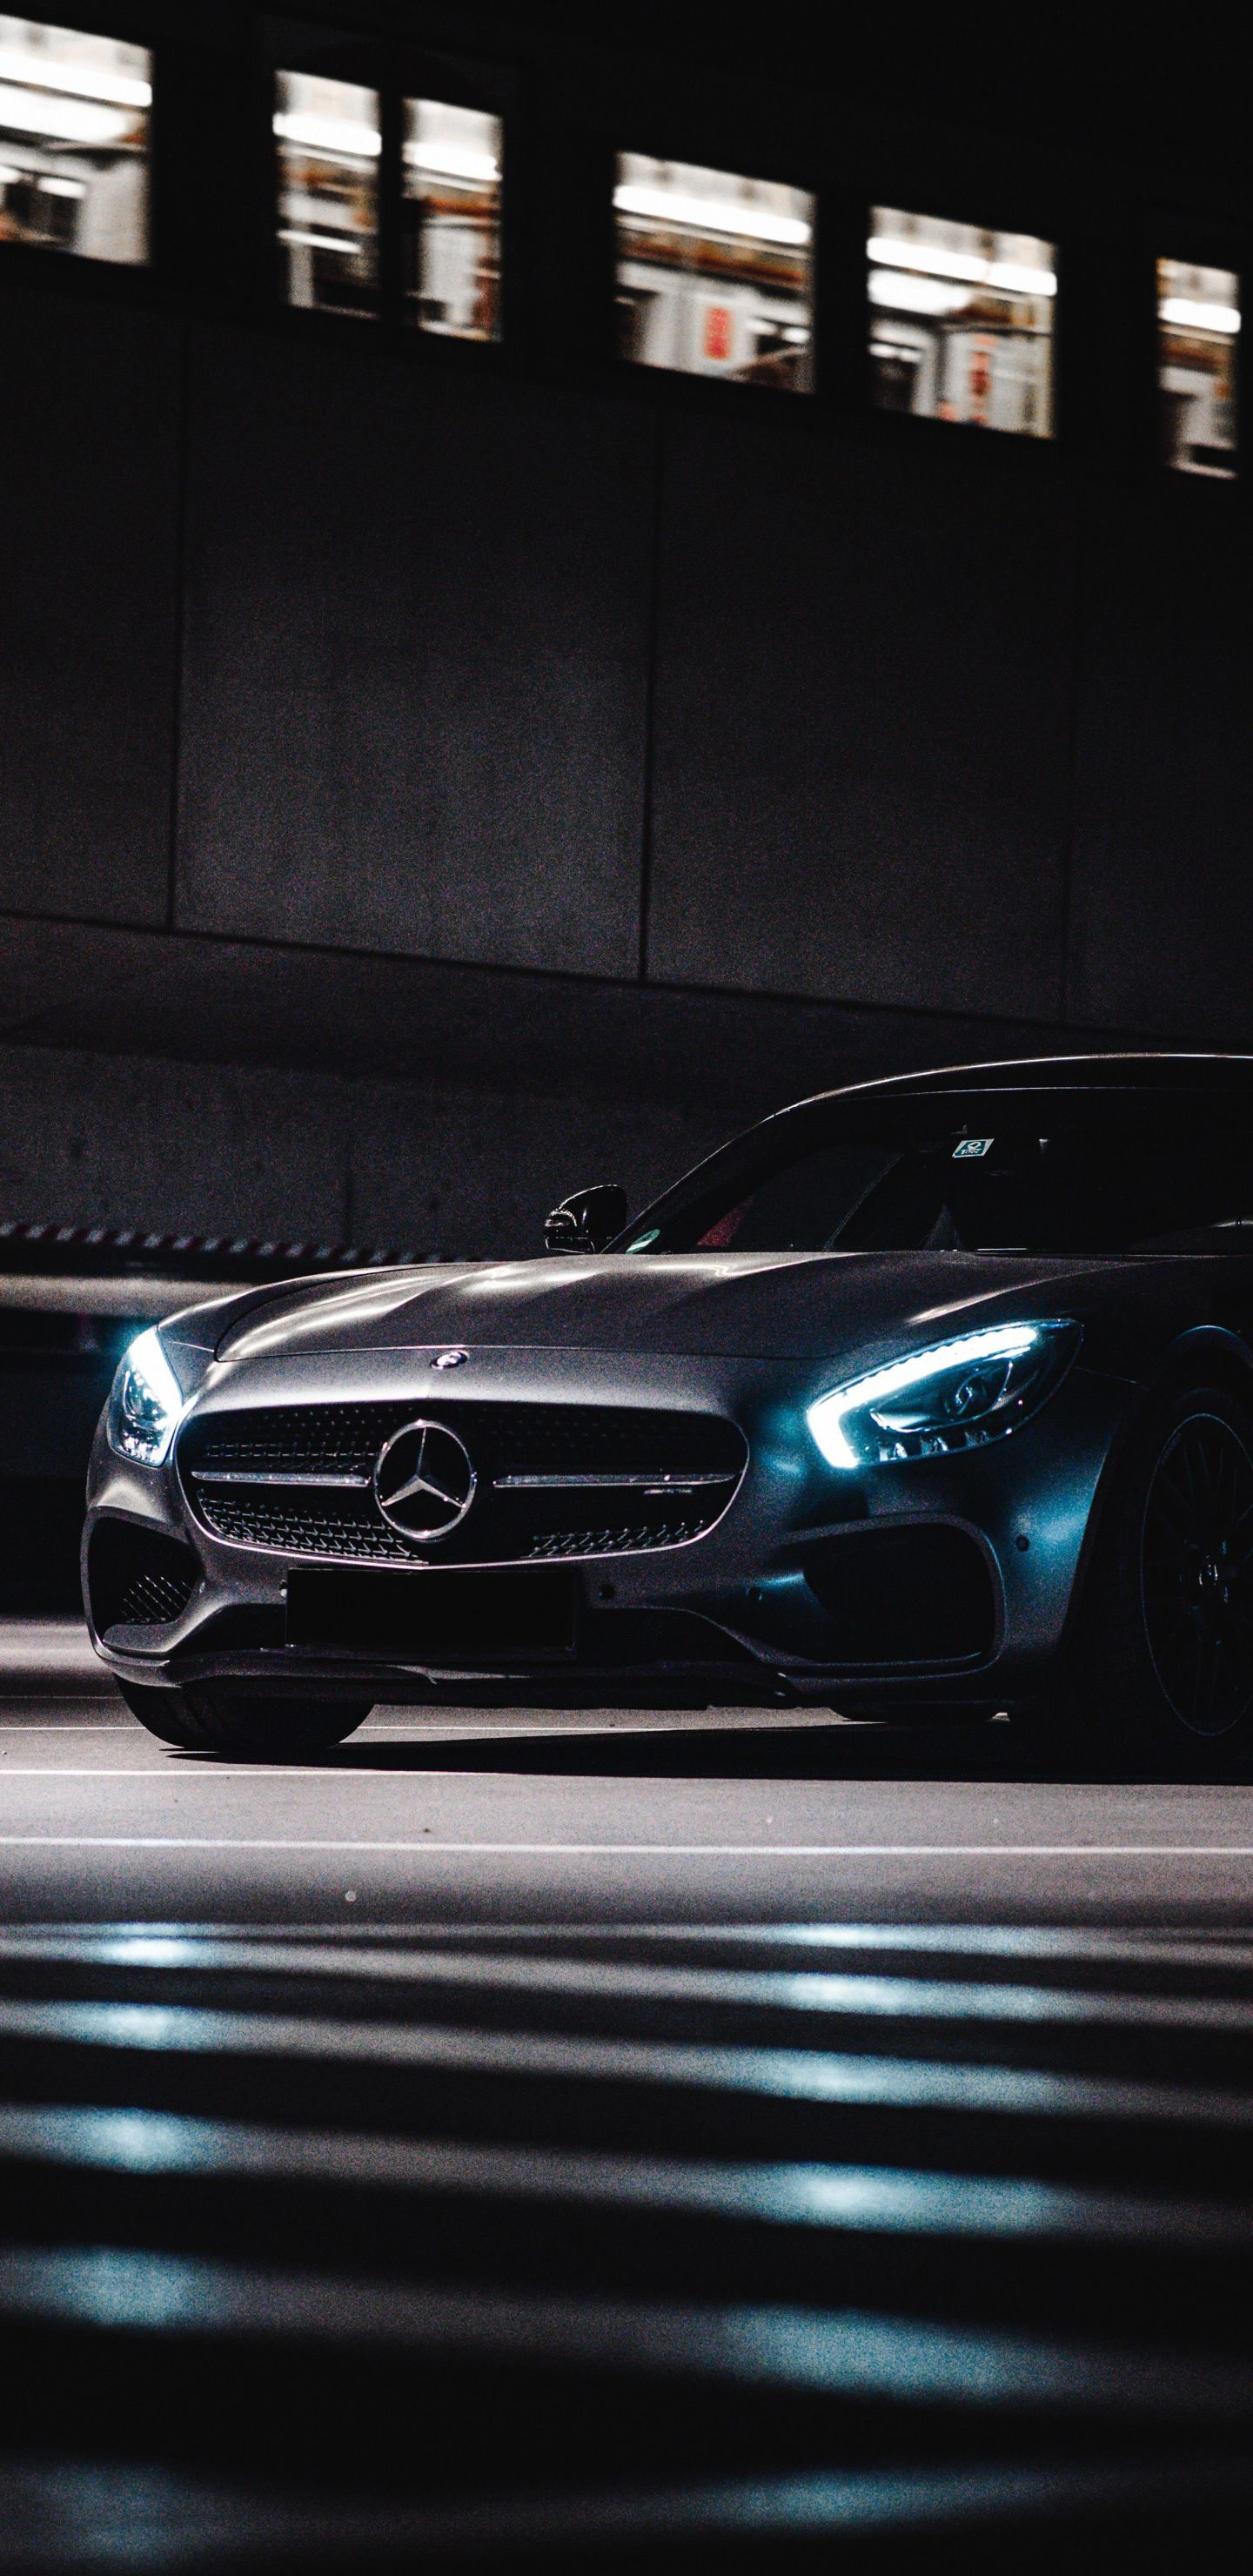 1440x2960 Luxurious Car Black Mercedes Benz Wallpaper In 2020 Mercedes Benz Wallpaper Mercedes Wallpaper Black Mercedes Benz